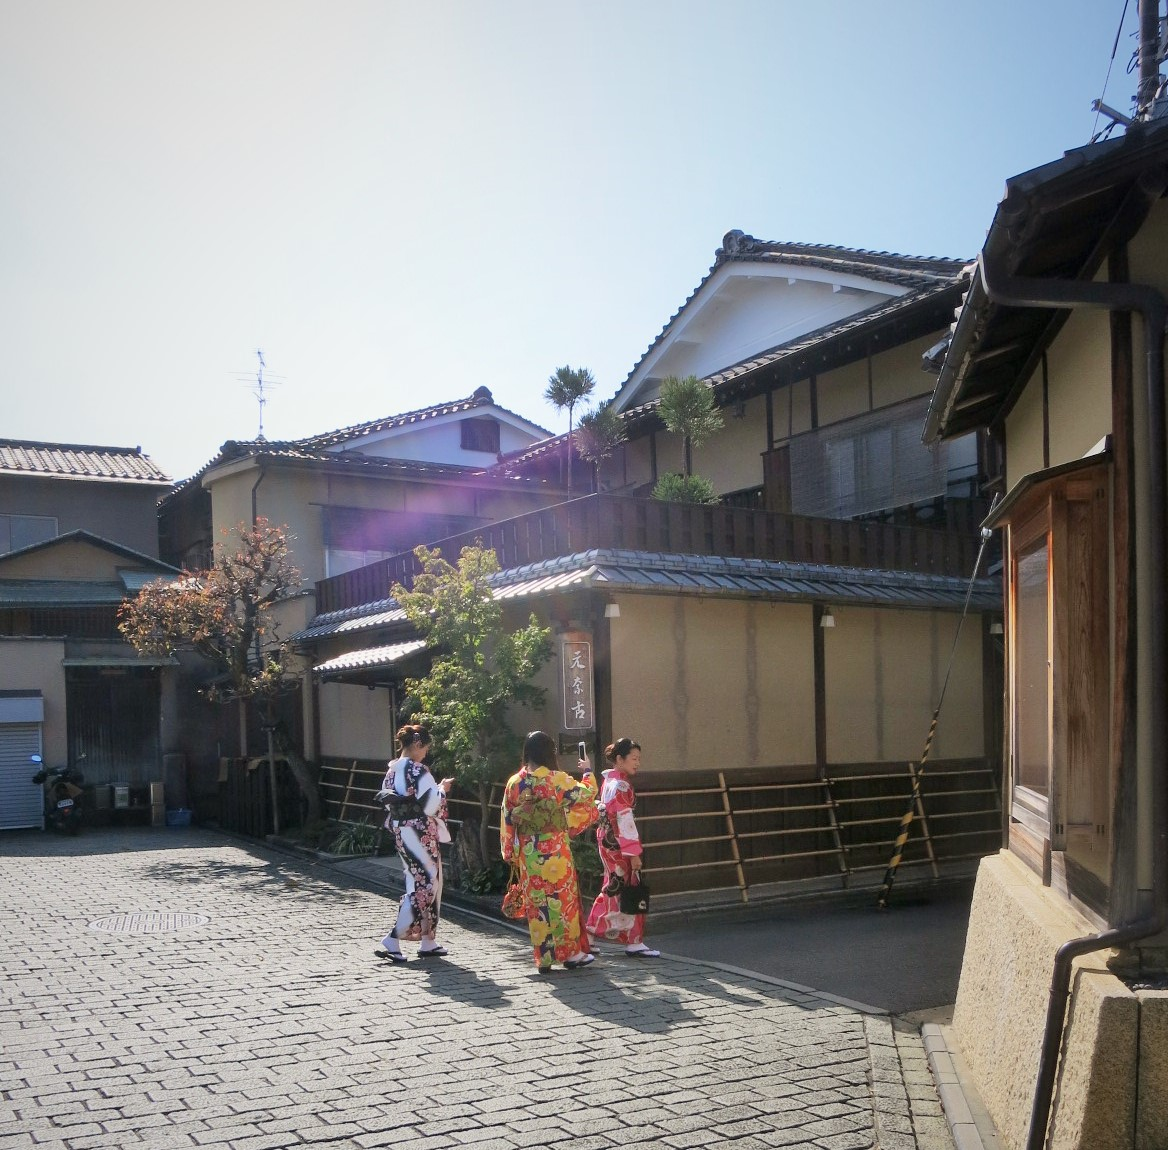 京都で朝活④ 次回の為の覚書き♪_f0236260_14552214.jpg